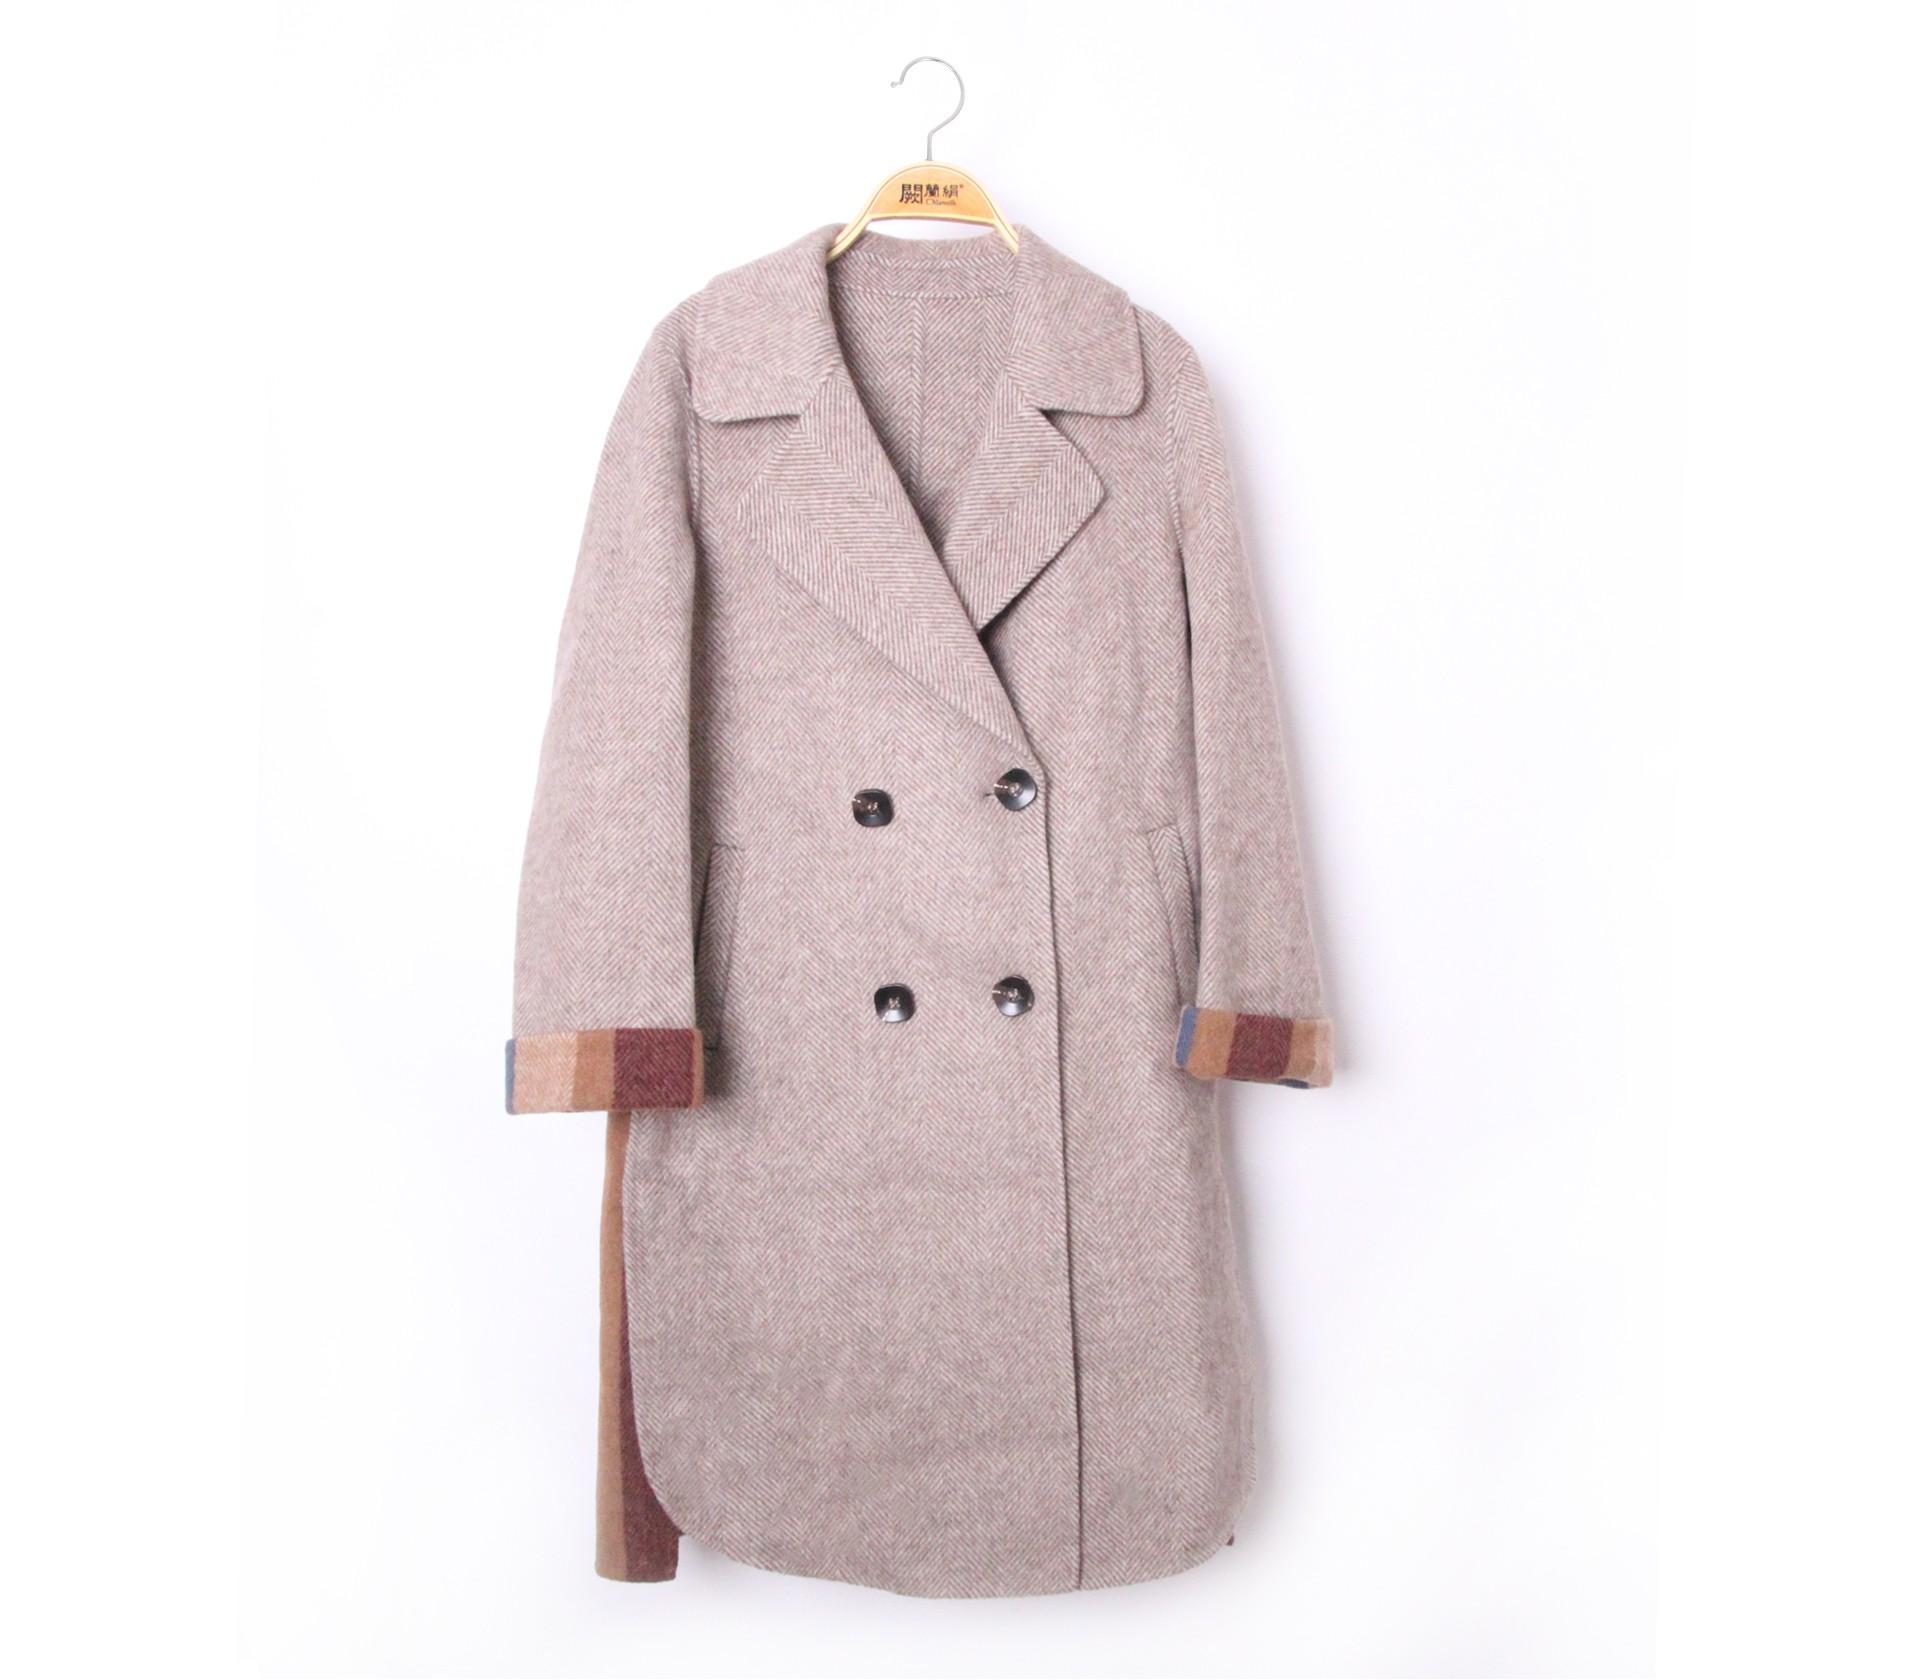 闕蘭絹撞色側邊格紋羊毛咖啡長版大衣-561